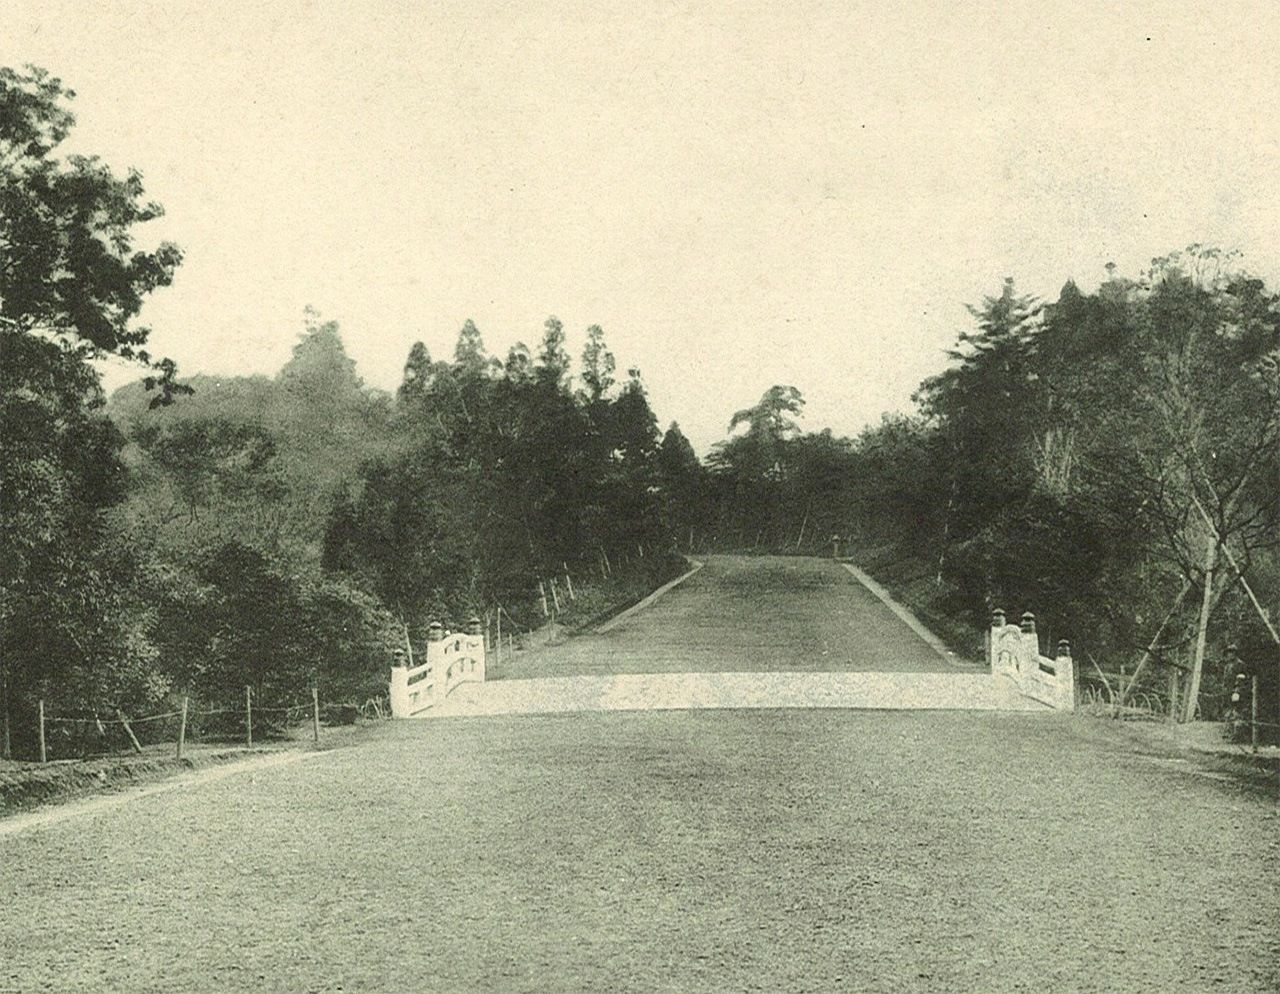 Территория возле моста Синкё, «Божественного моста», во время строительства святилища Мэйдзи-дзингу (фотография предоставлена святилищем Мэйдзи-дзингу)